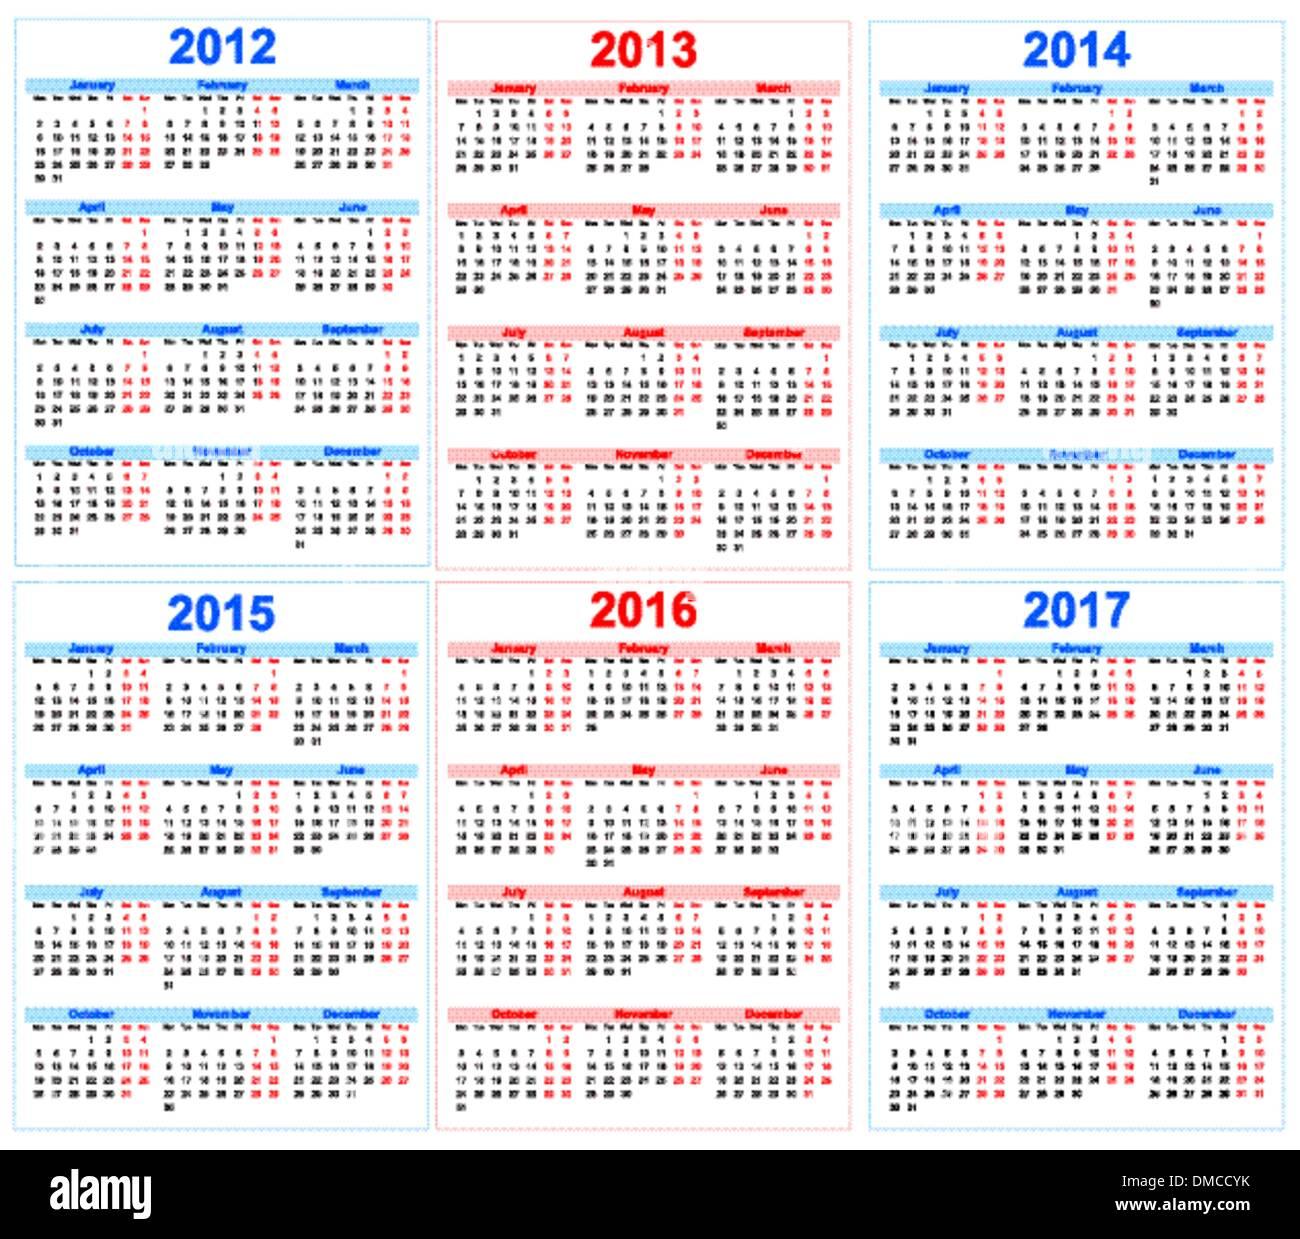 Calendar 2012 2013 2014 2015 Stock Photos Calendar 2012 2013 2014